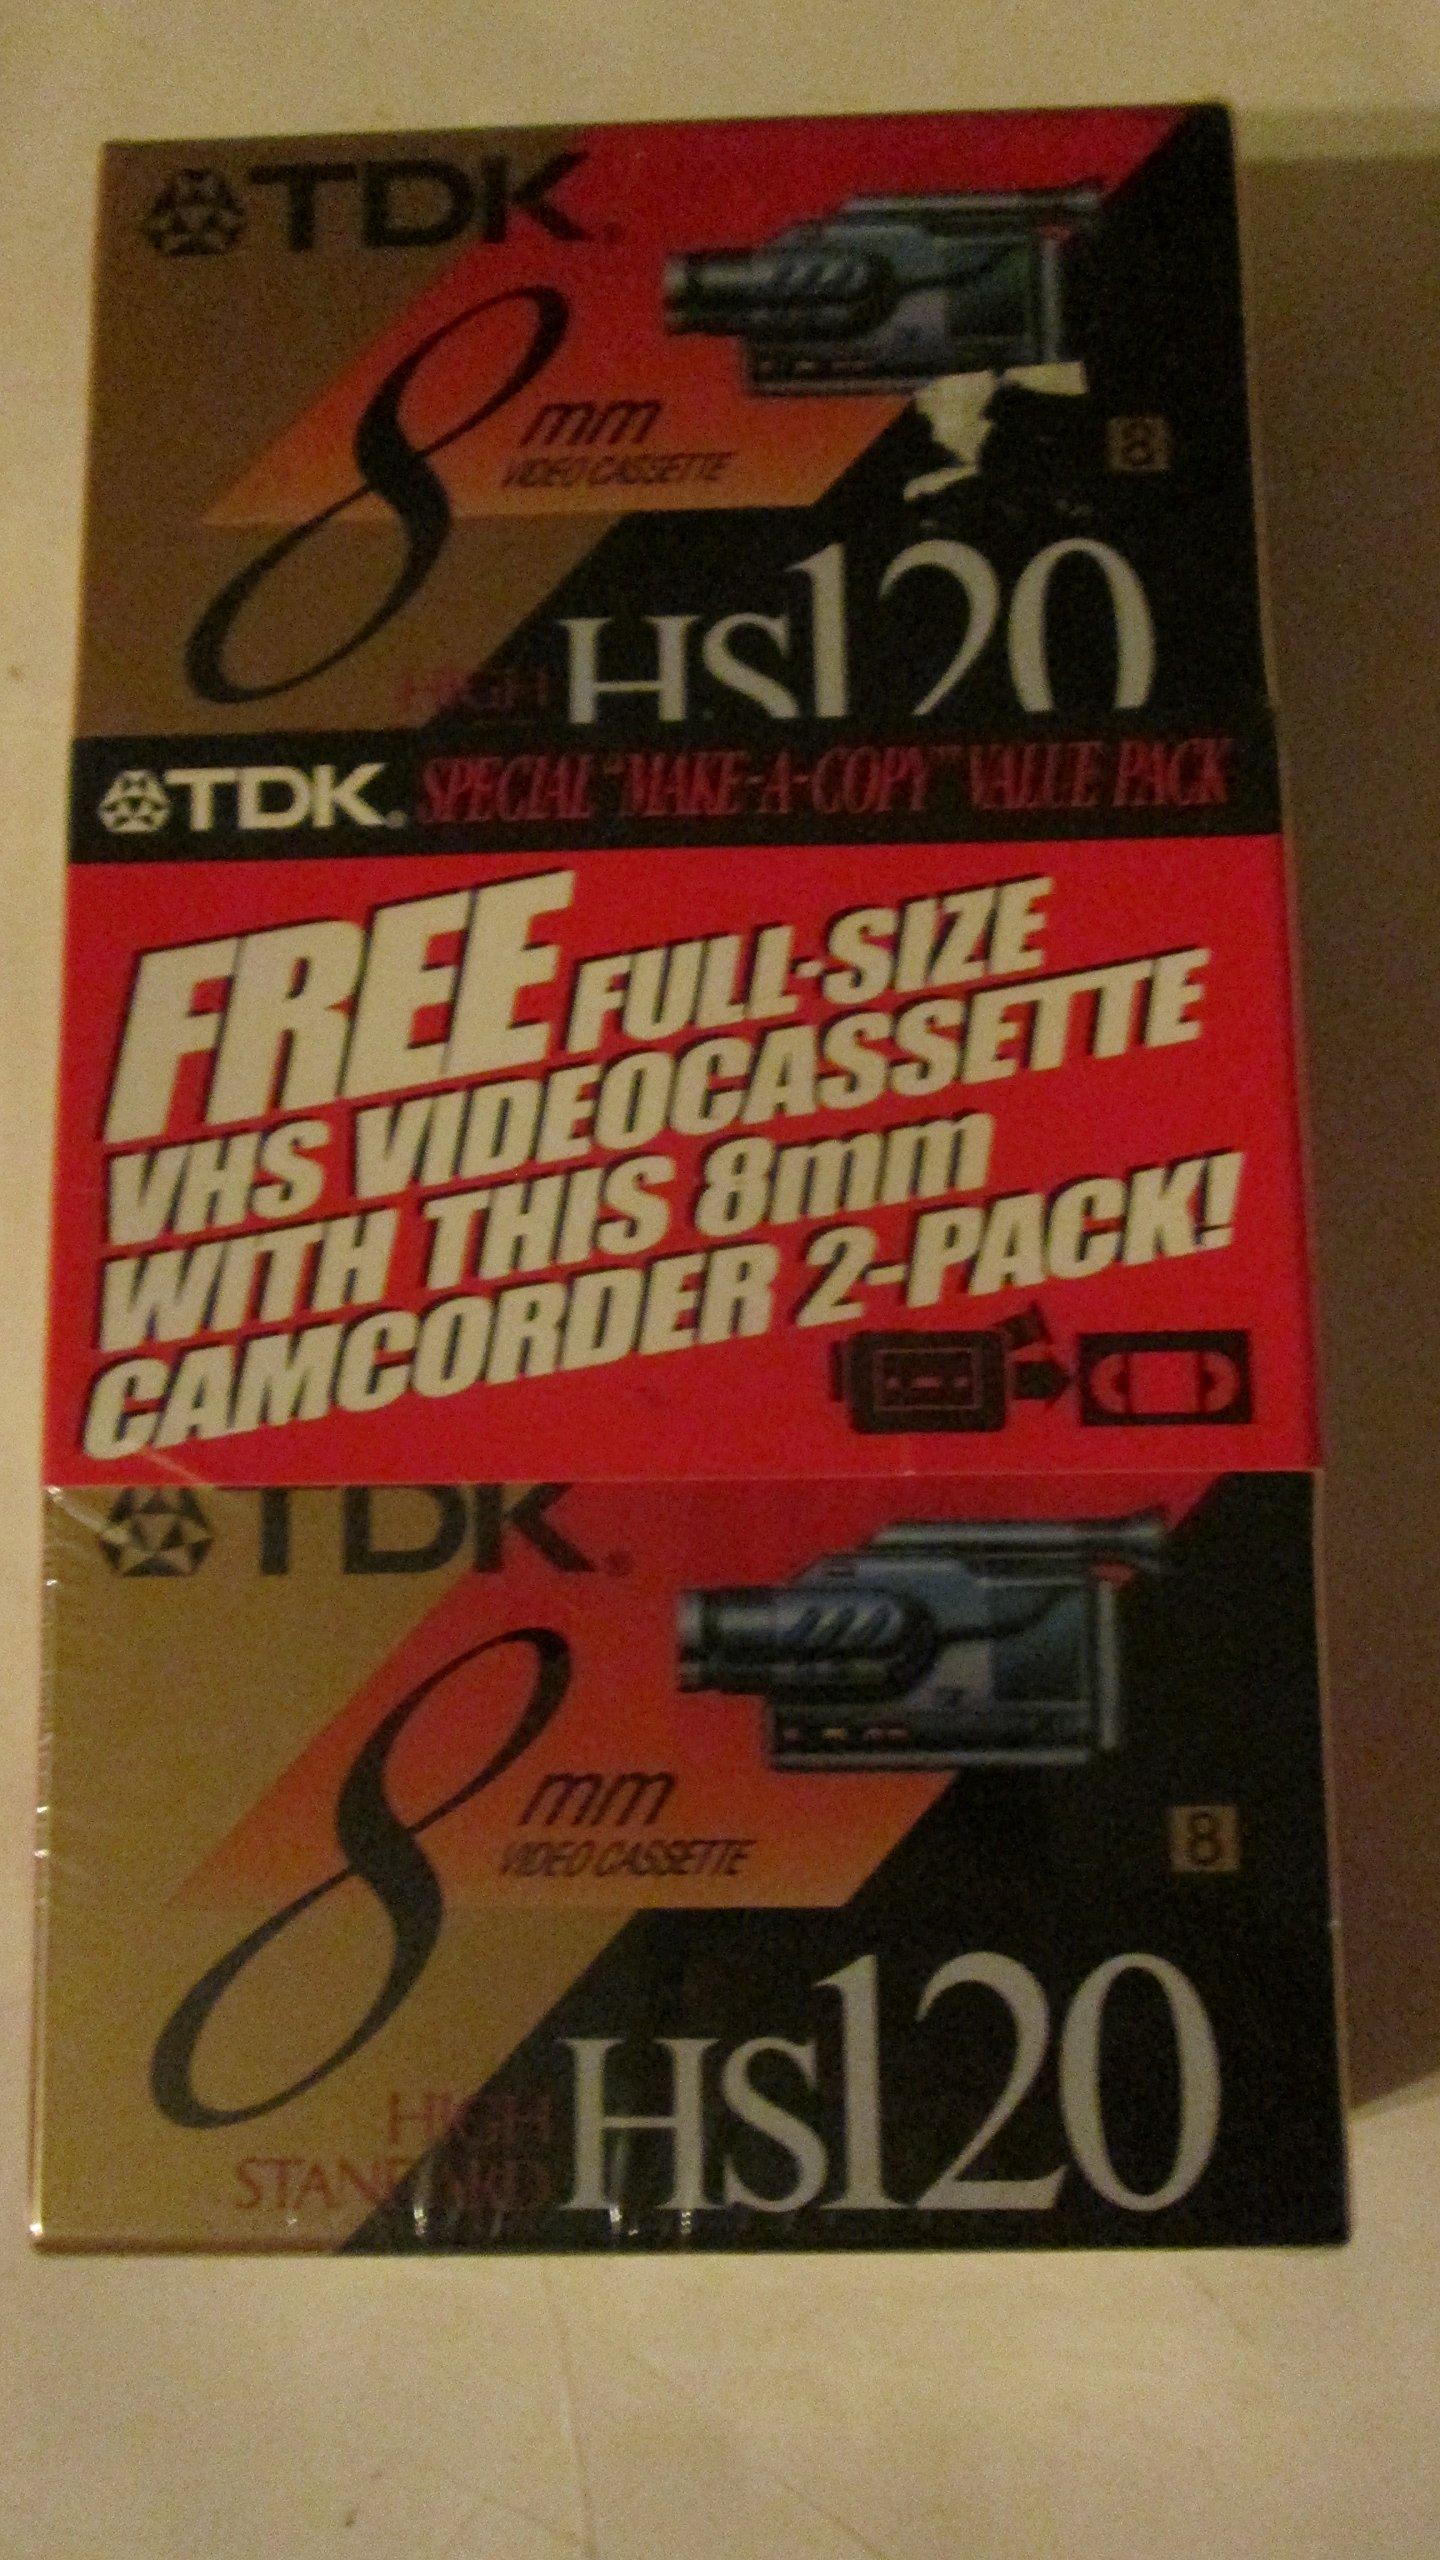 TDK HS120 8mm High Standard Blank Cassette 2-Pack w/ Bonus TDK T-120 Blank VHS Factory Pack by TDK